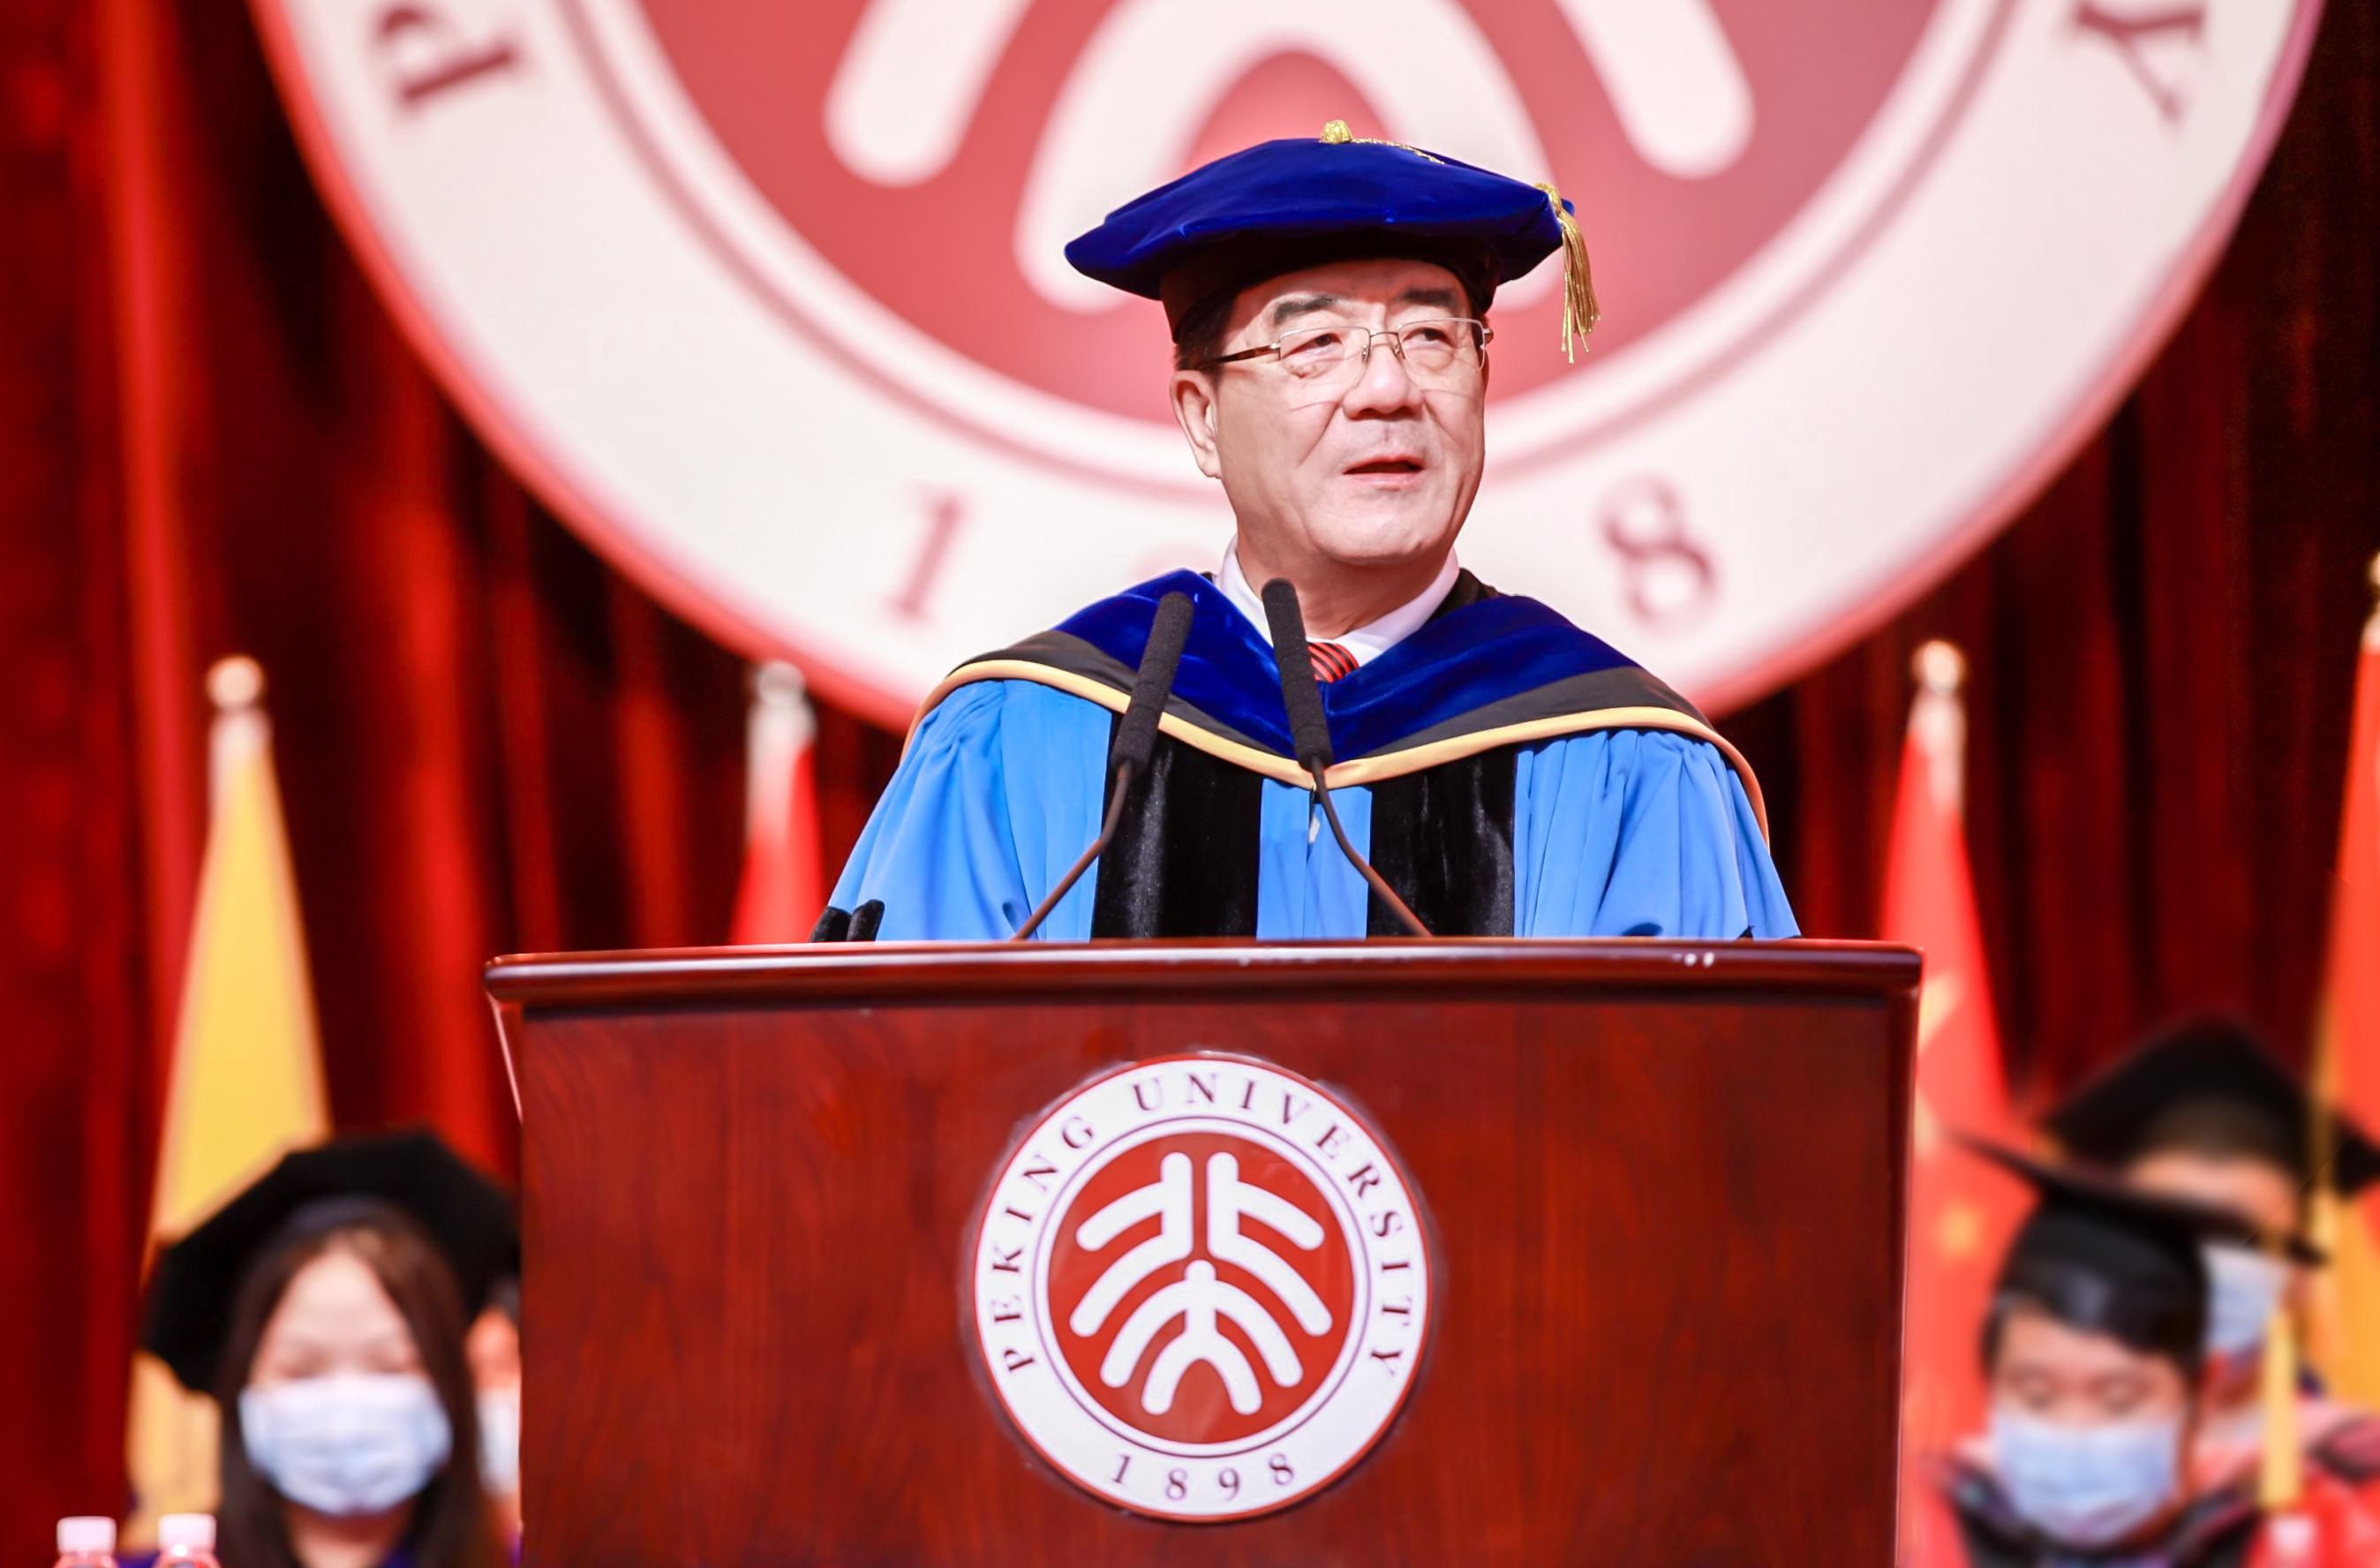 海闻:高瞻远瞩 行稳致远丨2021年毕业典礼